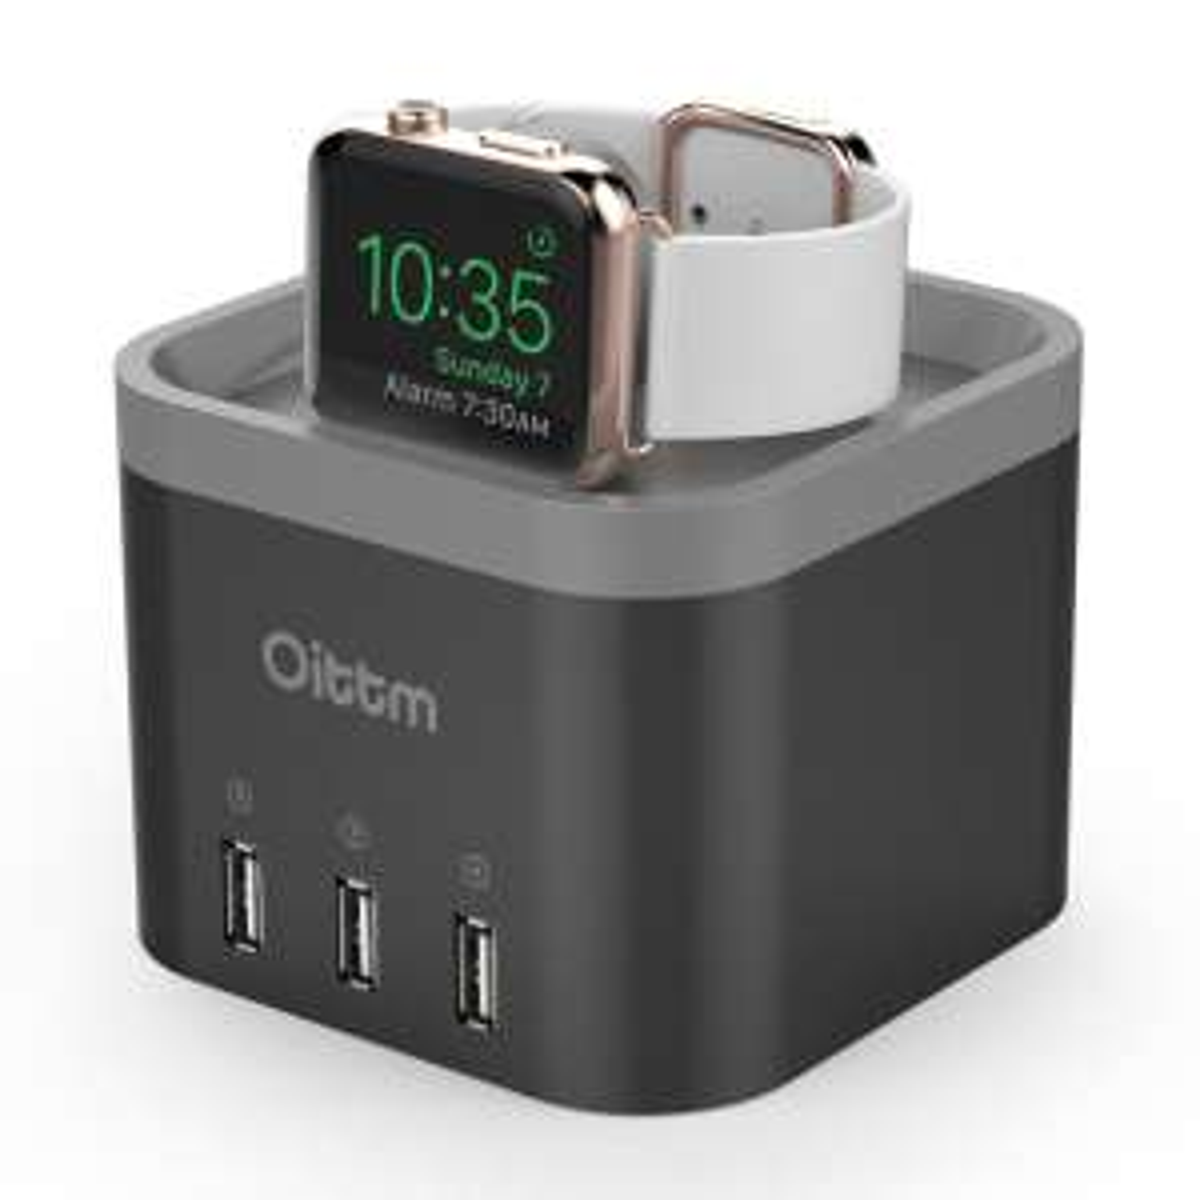 [Premium] Support de recharge Oittm pour montre Apple Watch avec 3 ports USB